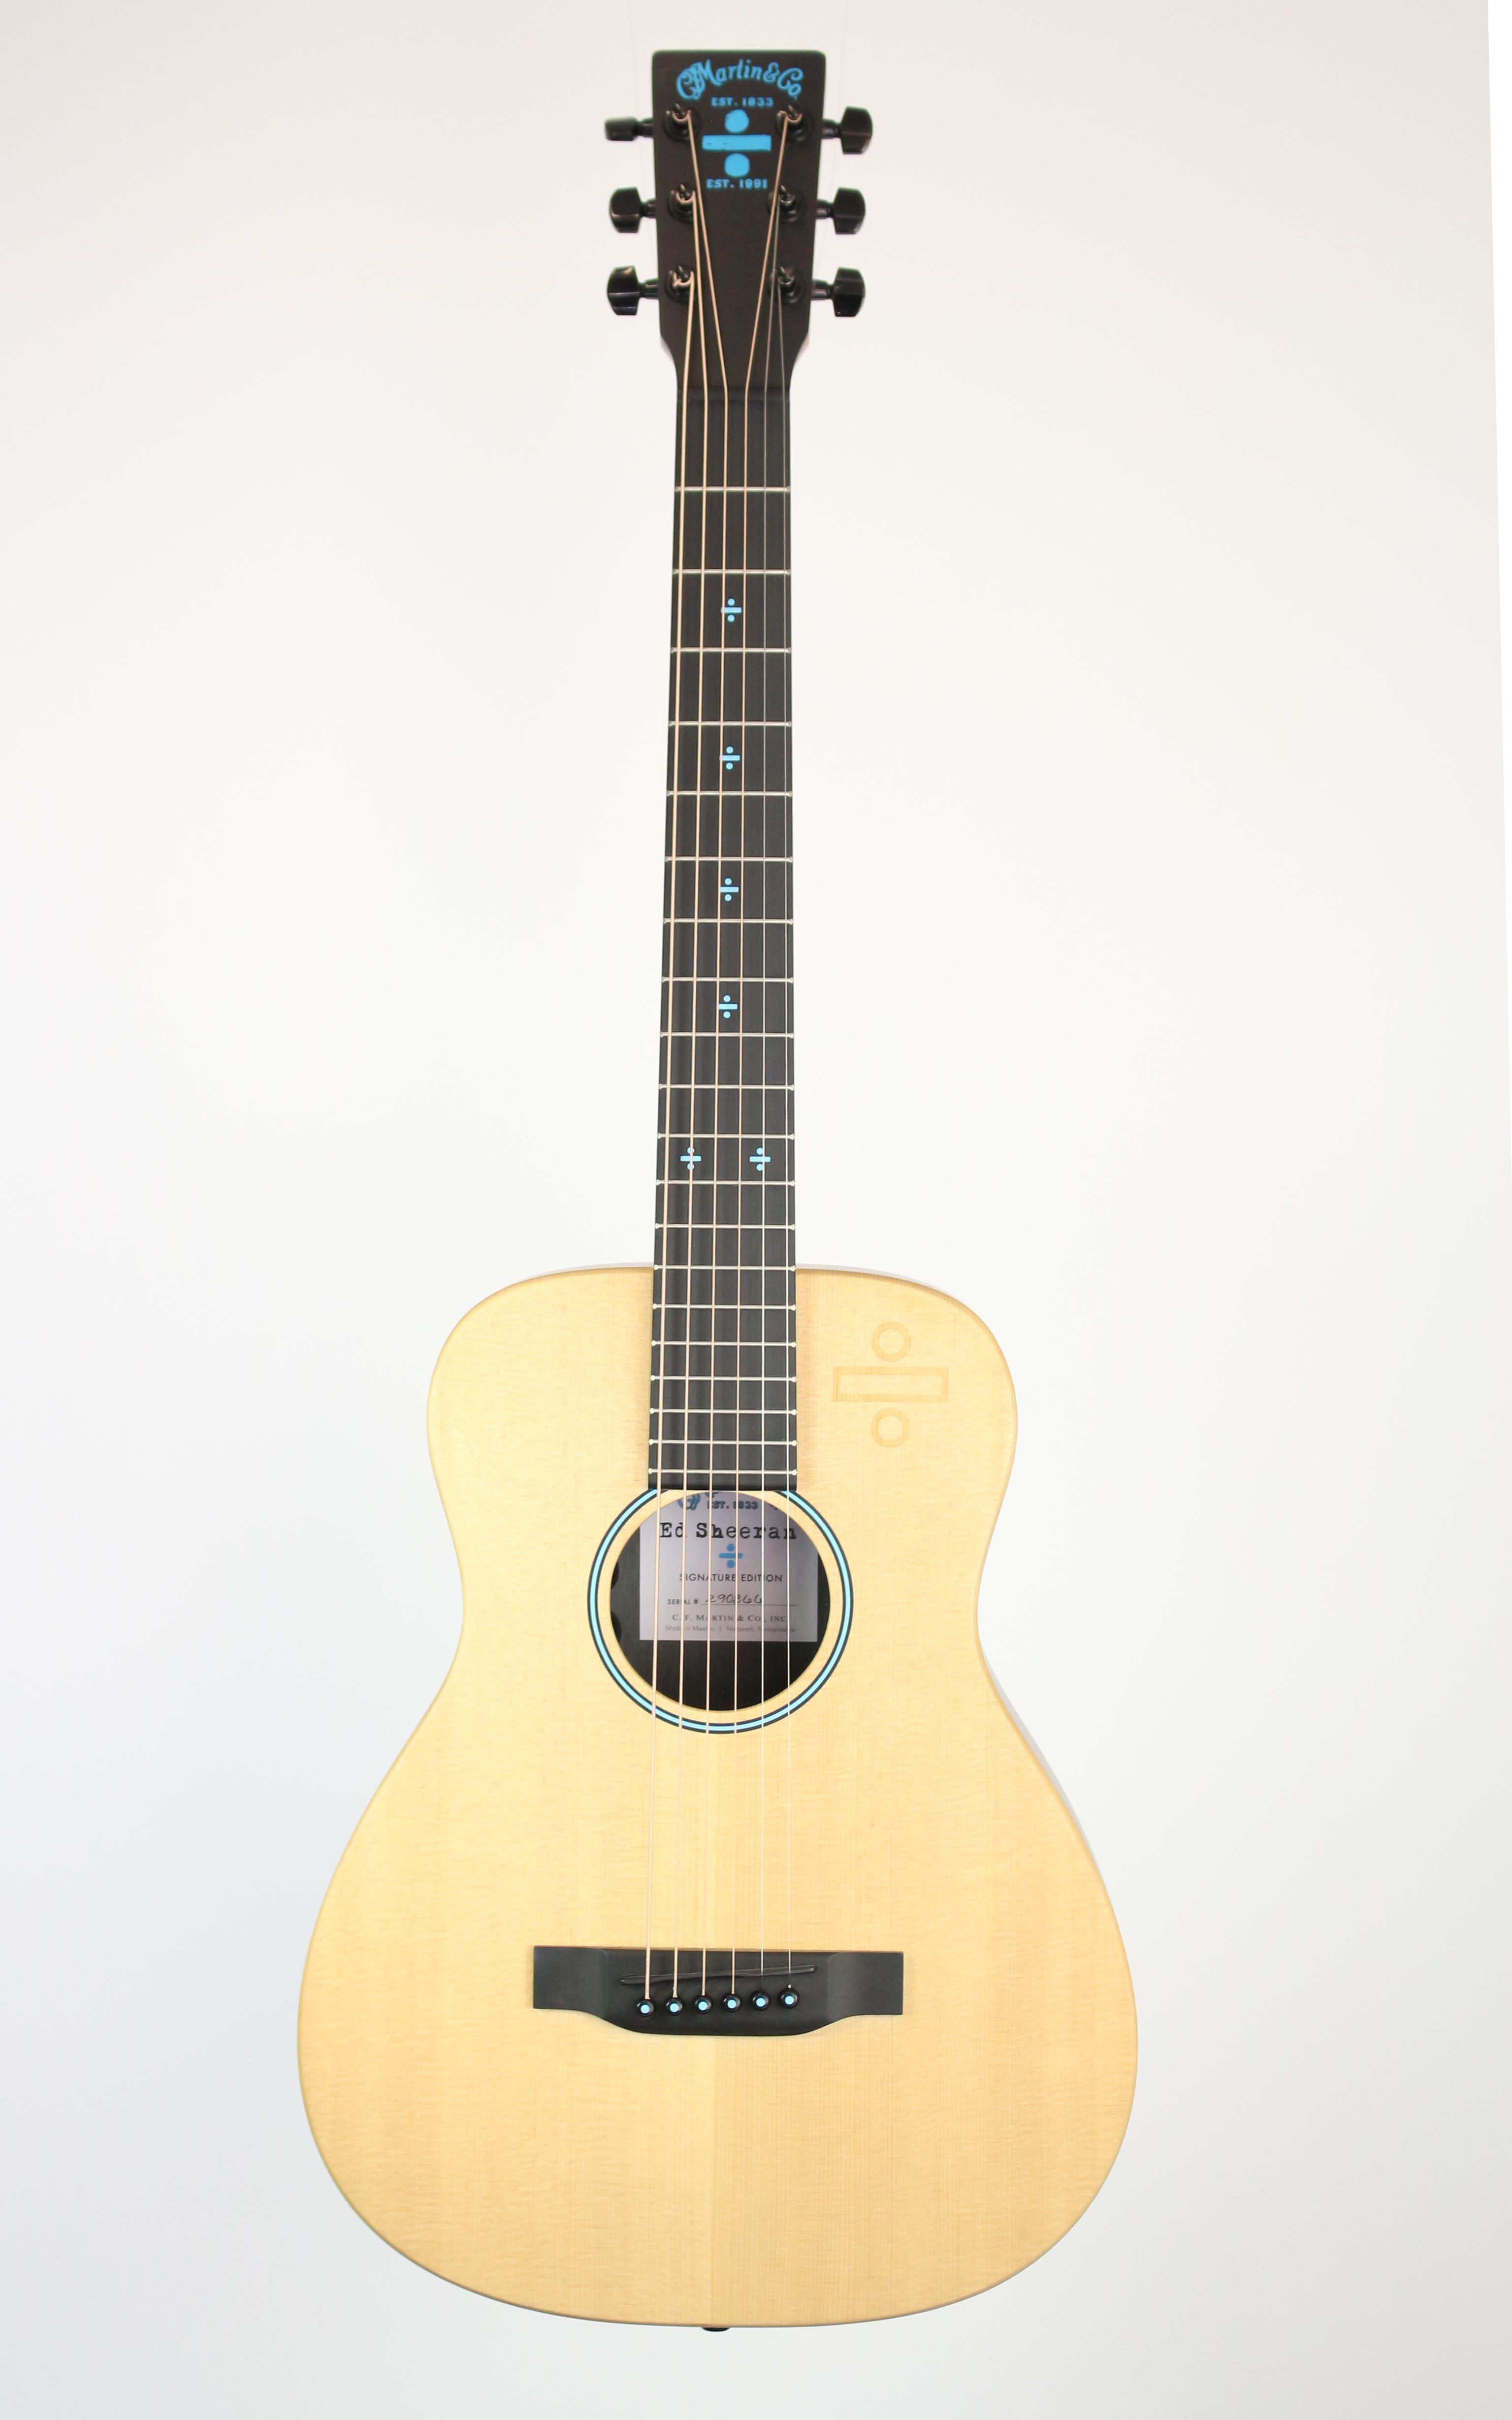 Martin - Ed Sheeran Divide Signature Edition - Gitarren - Westerngitarren | MUSIK BERTRAM Deutschland Freiburg